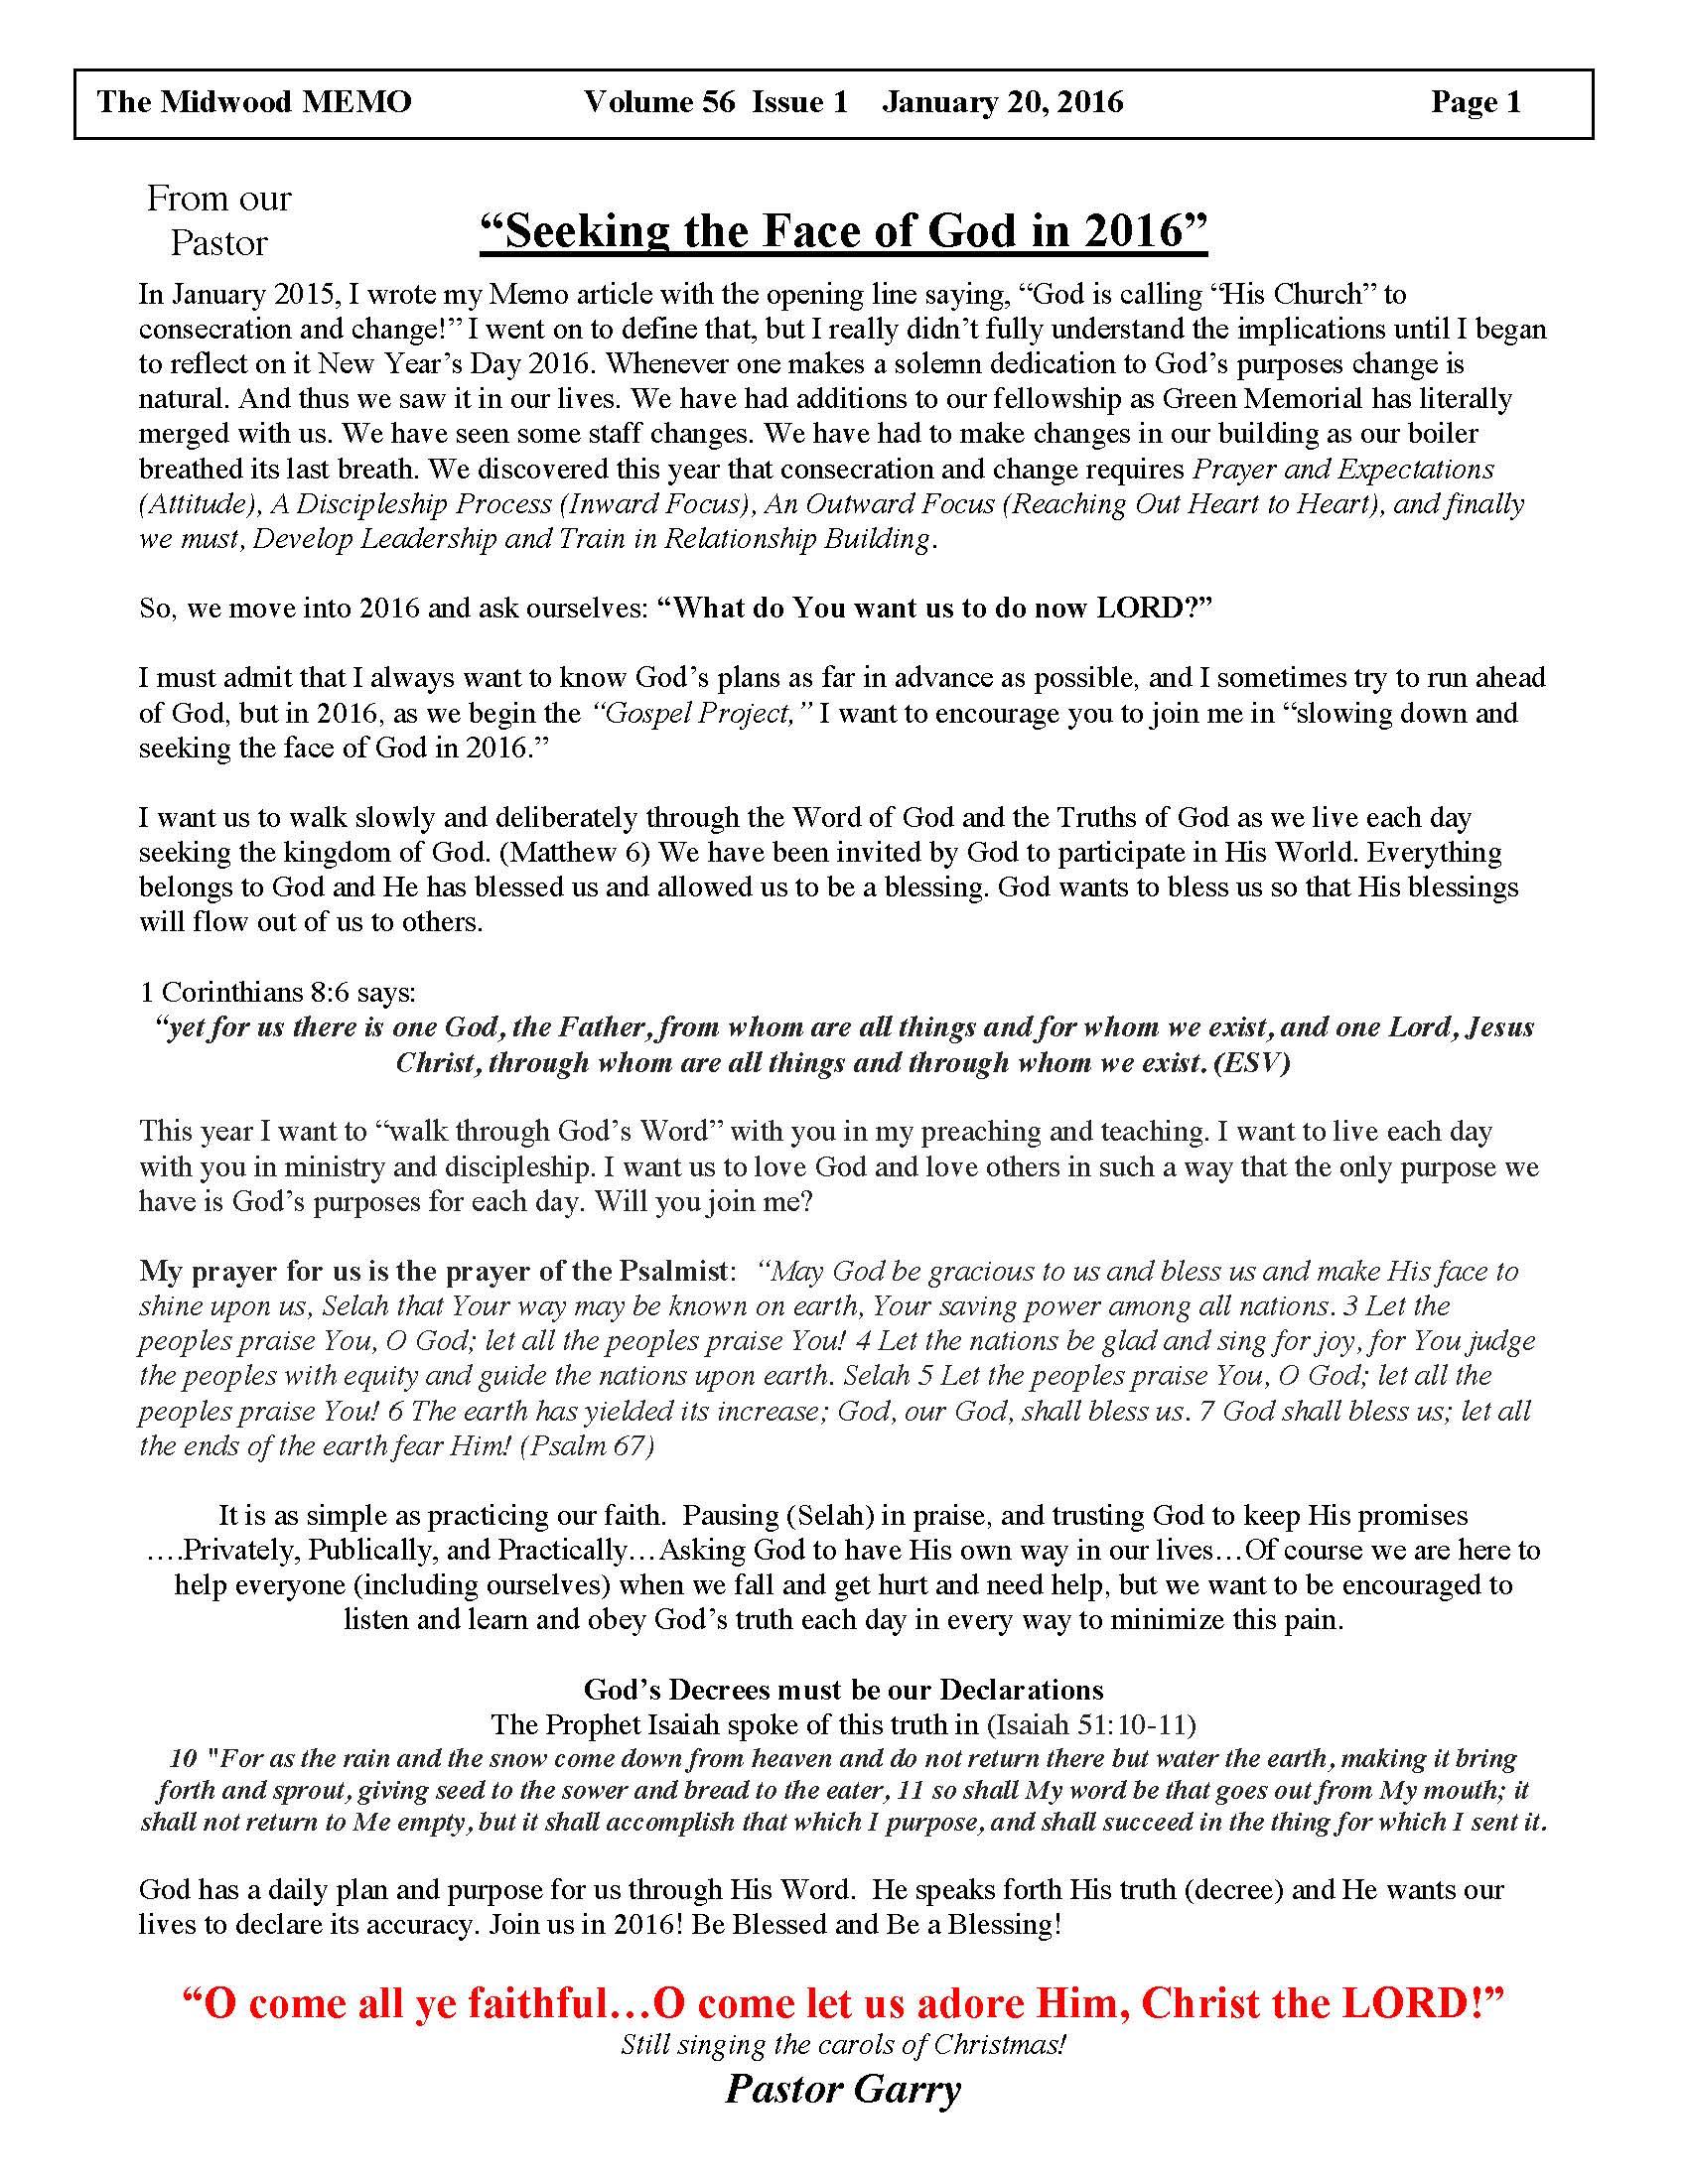 MEMO Article Jan 2016 | Midwood Baptist